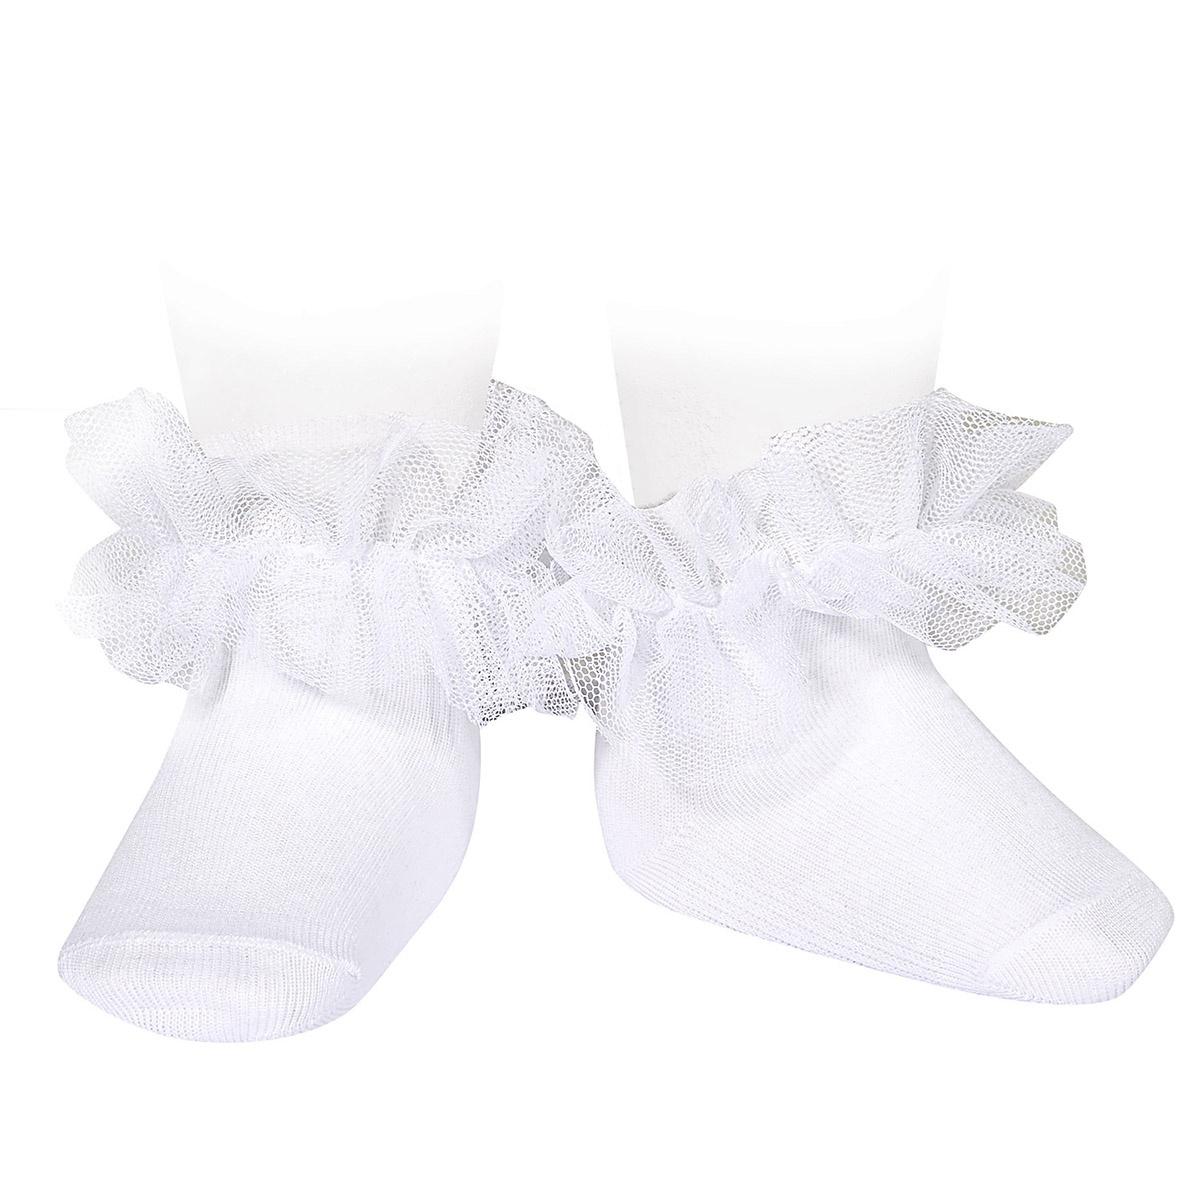 Calcetines tobilleros con tira de tul fruncido